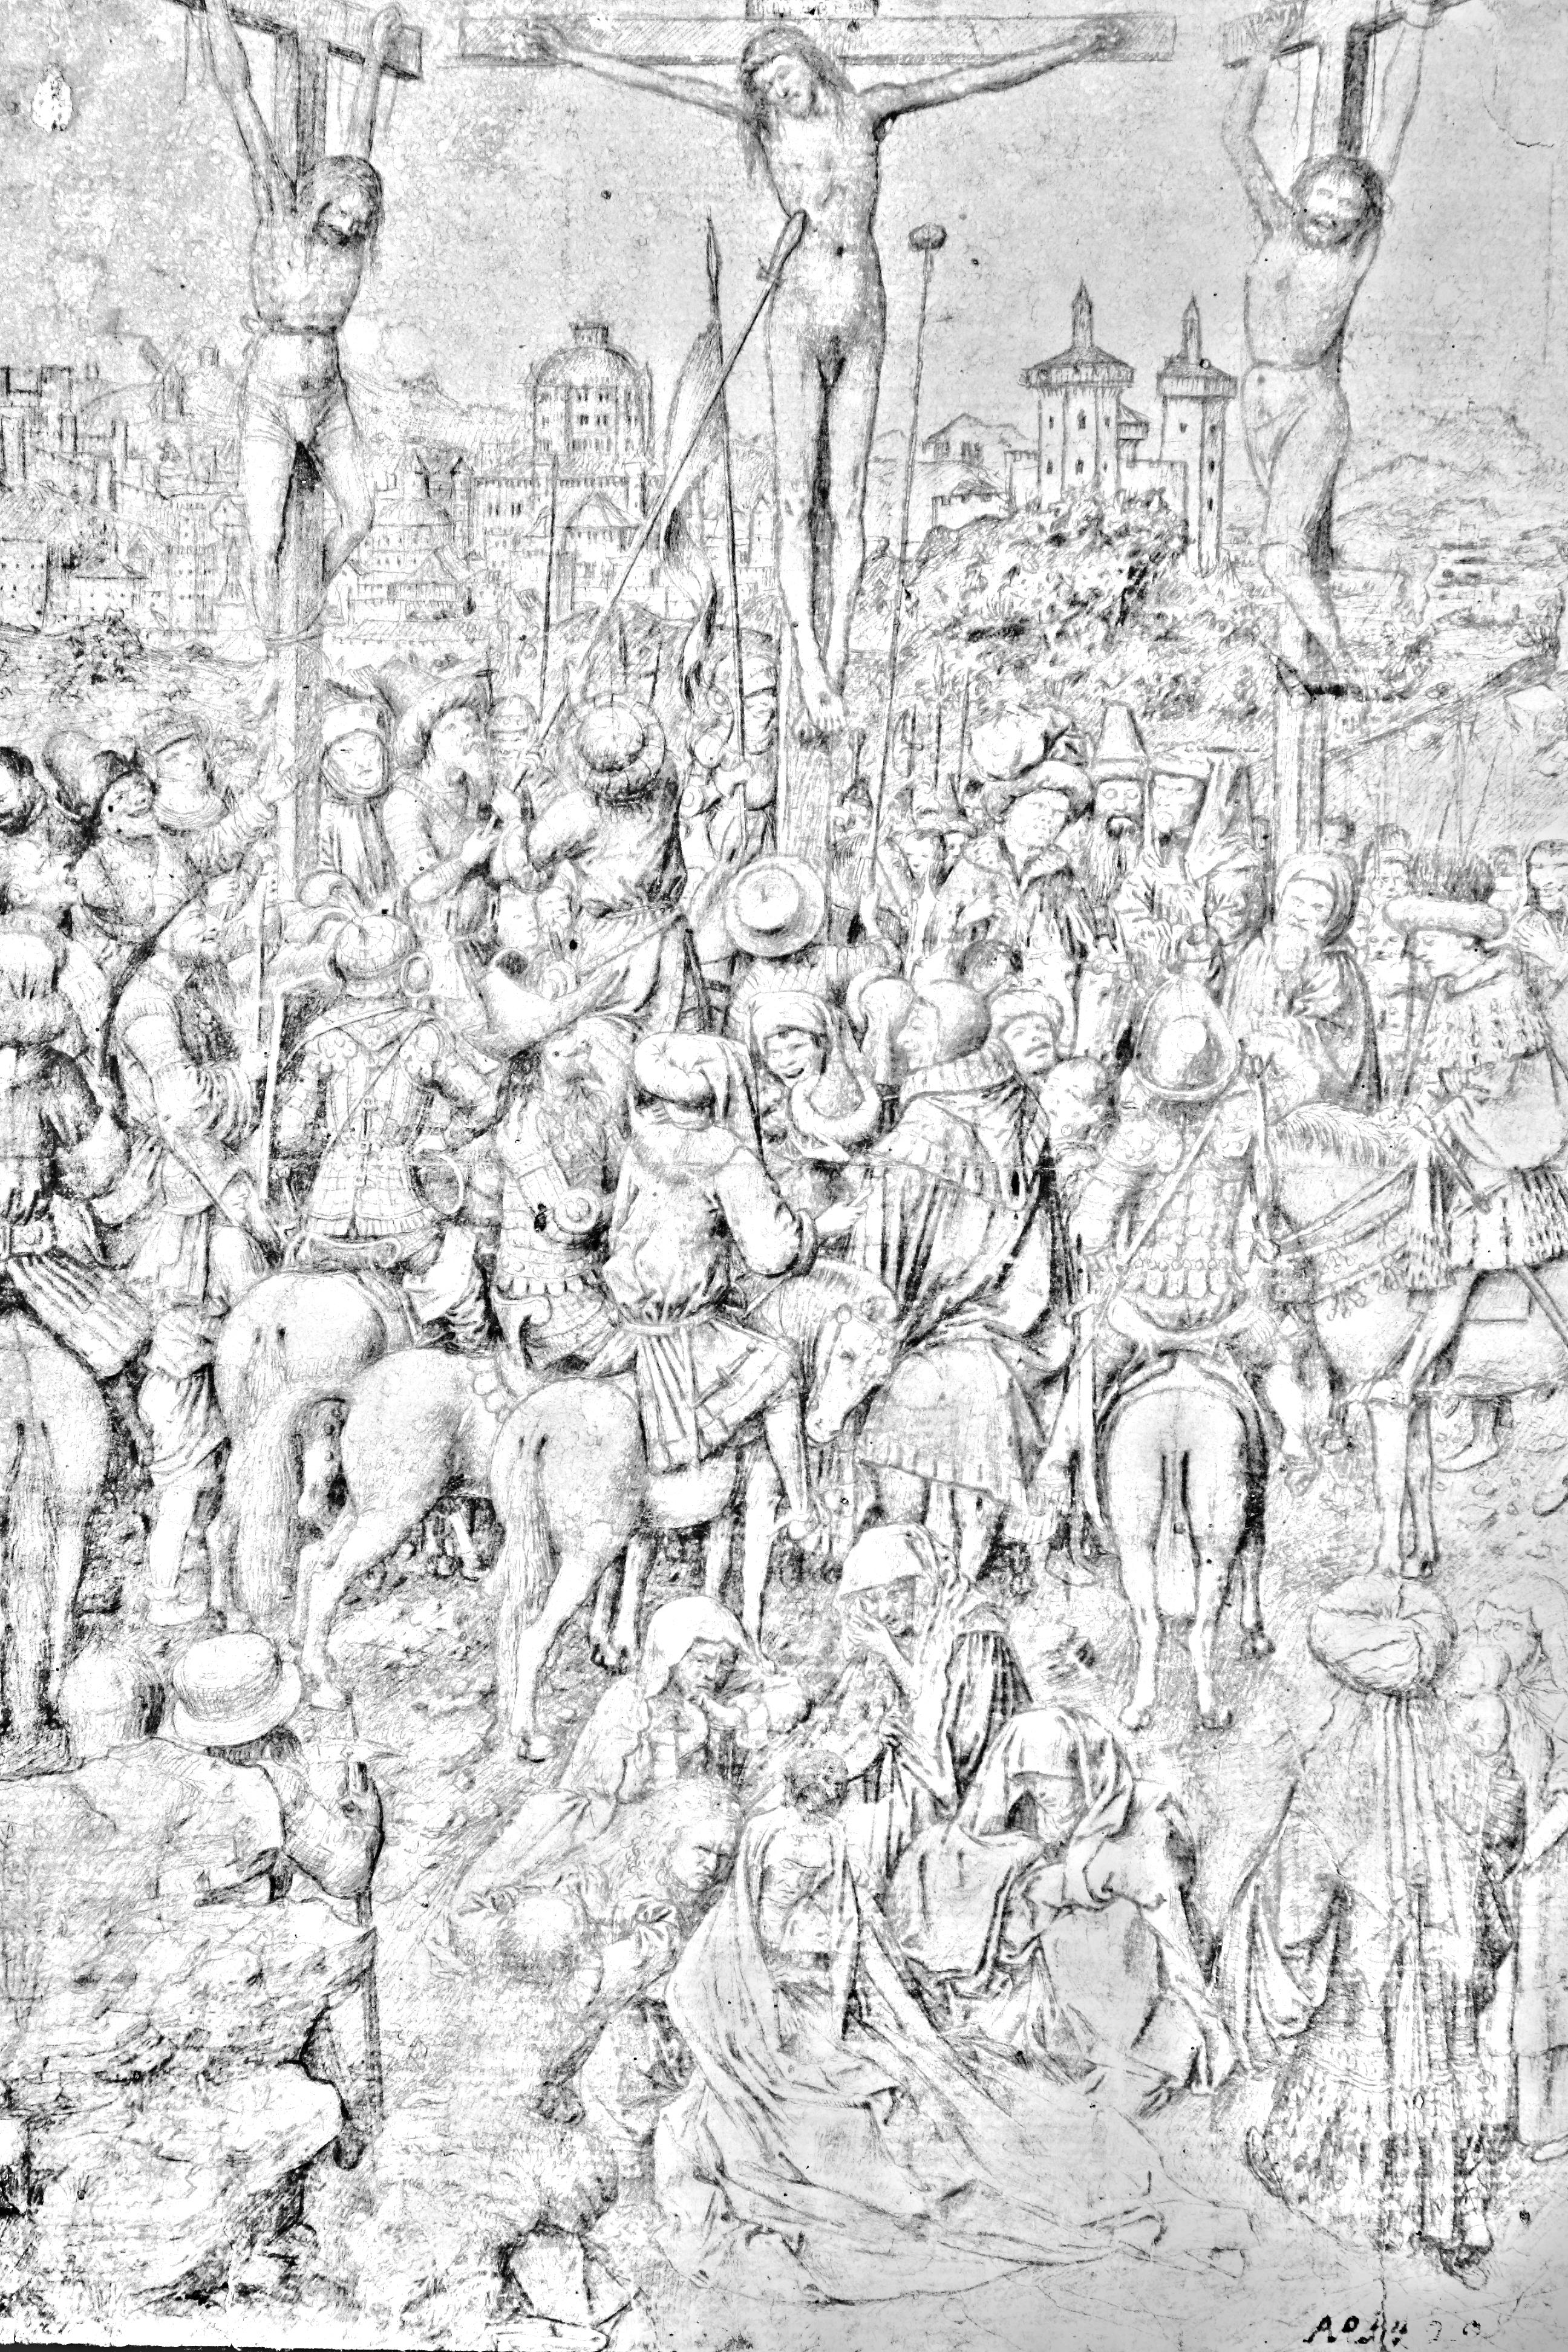 Van Eyck Drawings Workshop of Jan Van Eyck